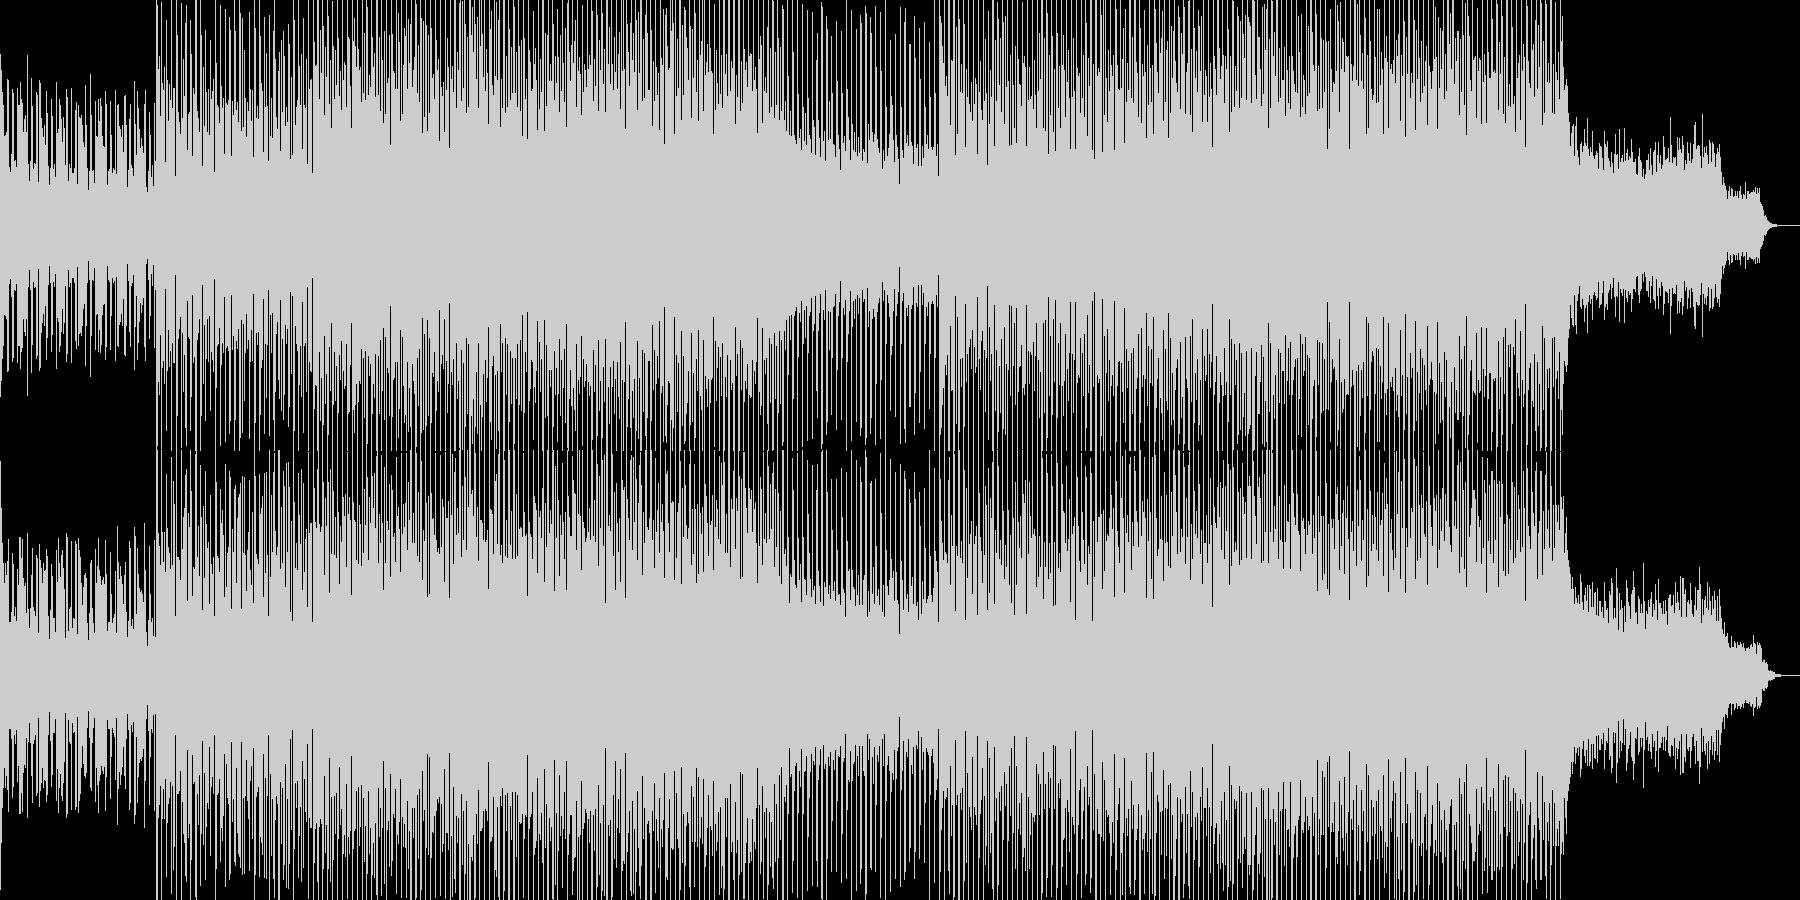 EDMクラブ系ダンスミュージック-18の未再生の波形